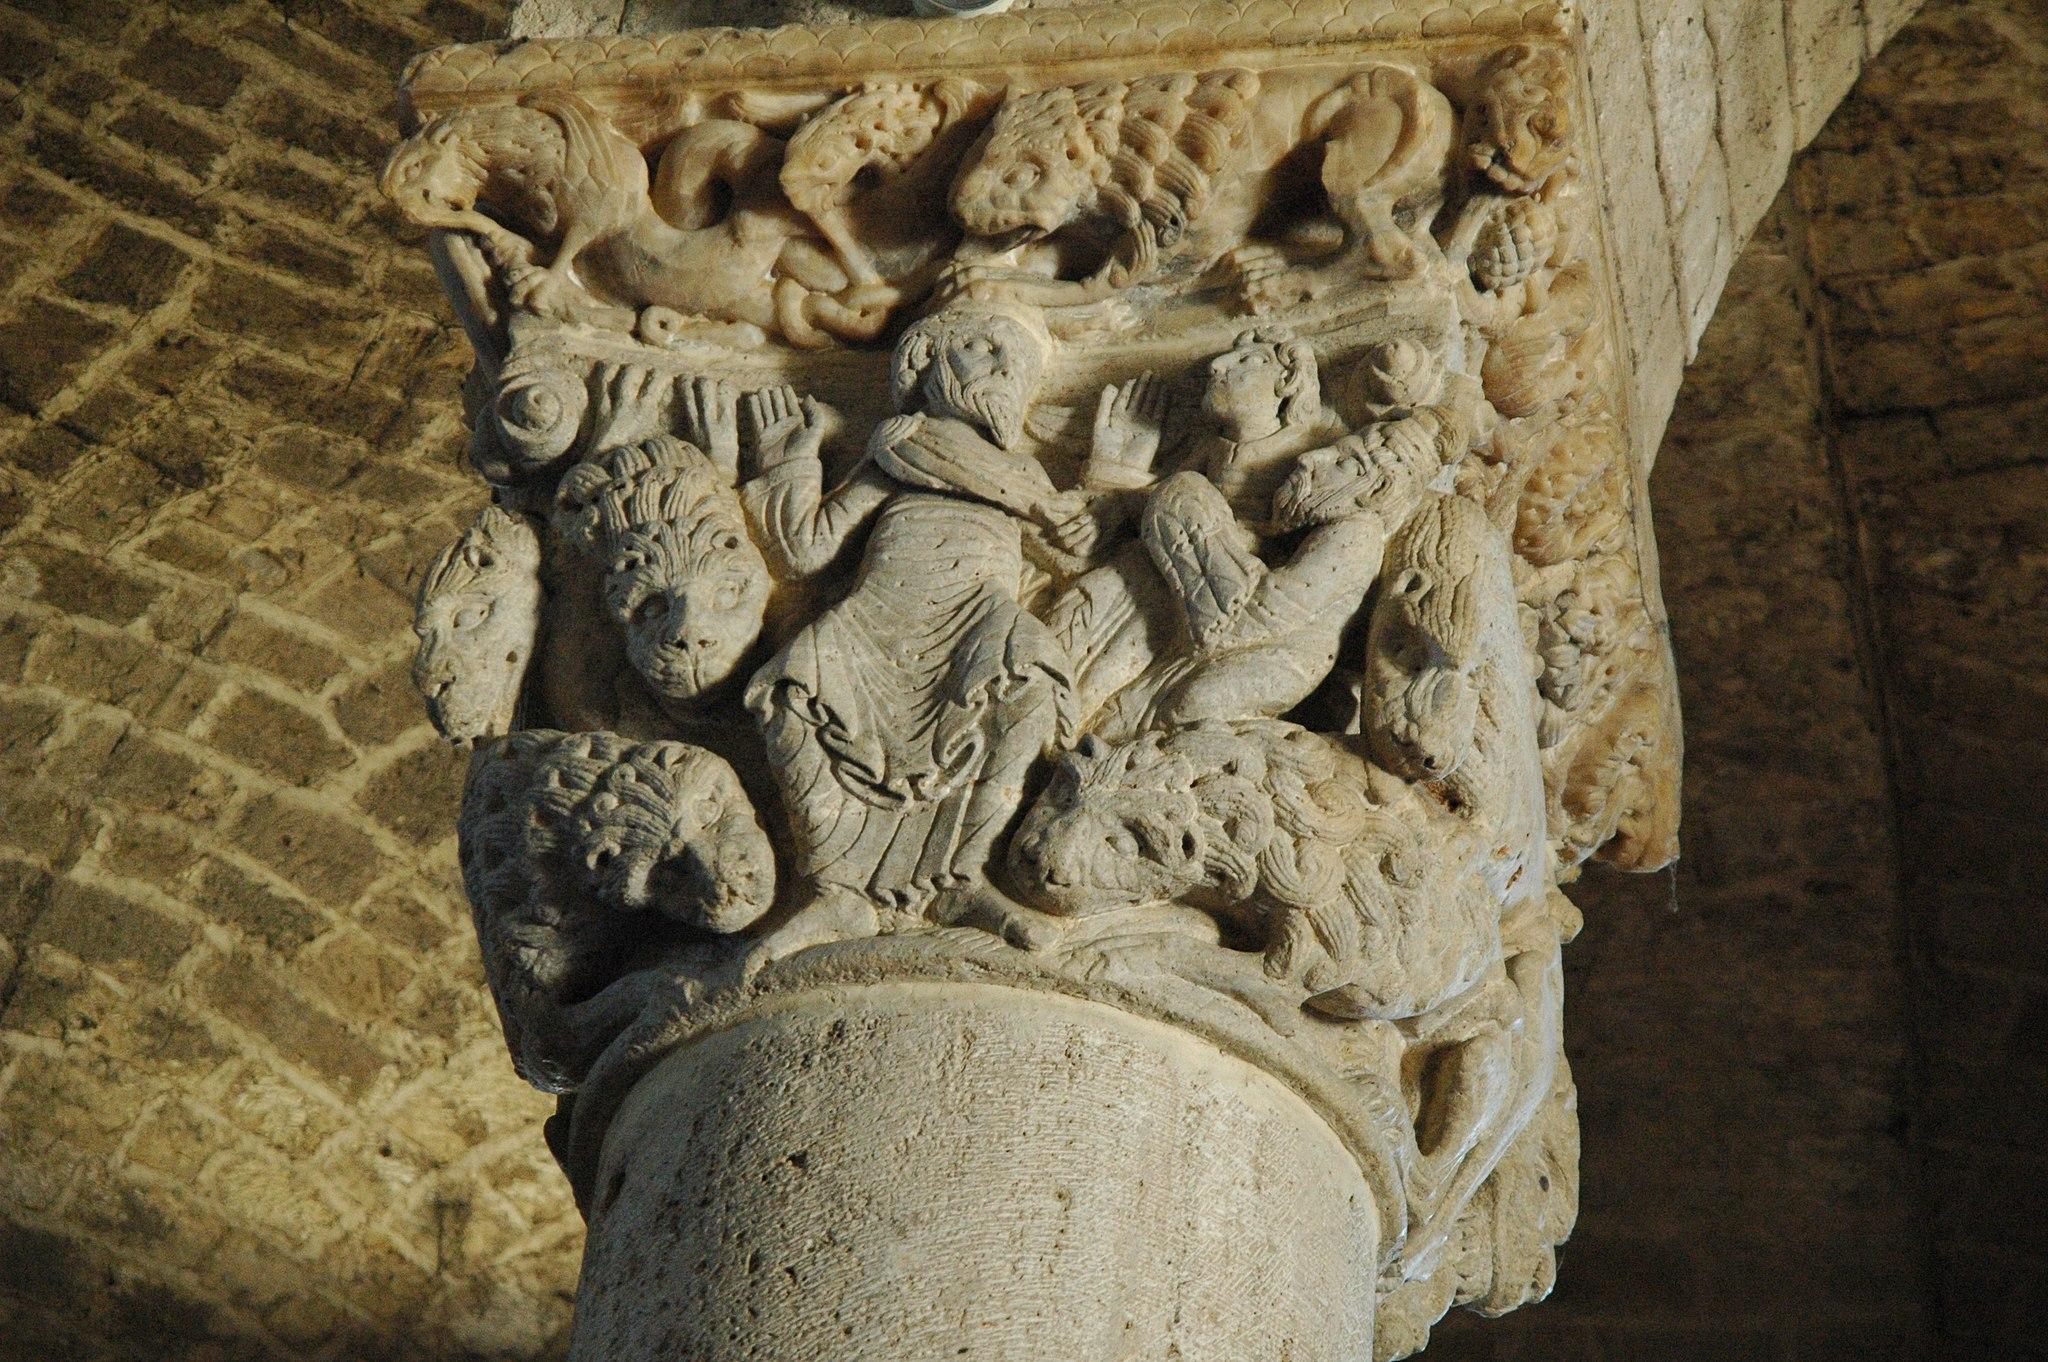 Capitello dell'Abbazia di Sant' Antimo, Montalcino (SI) - panoramio